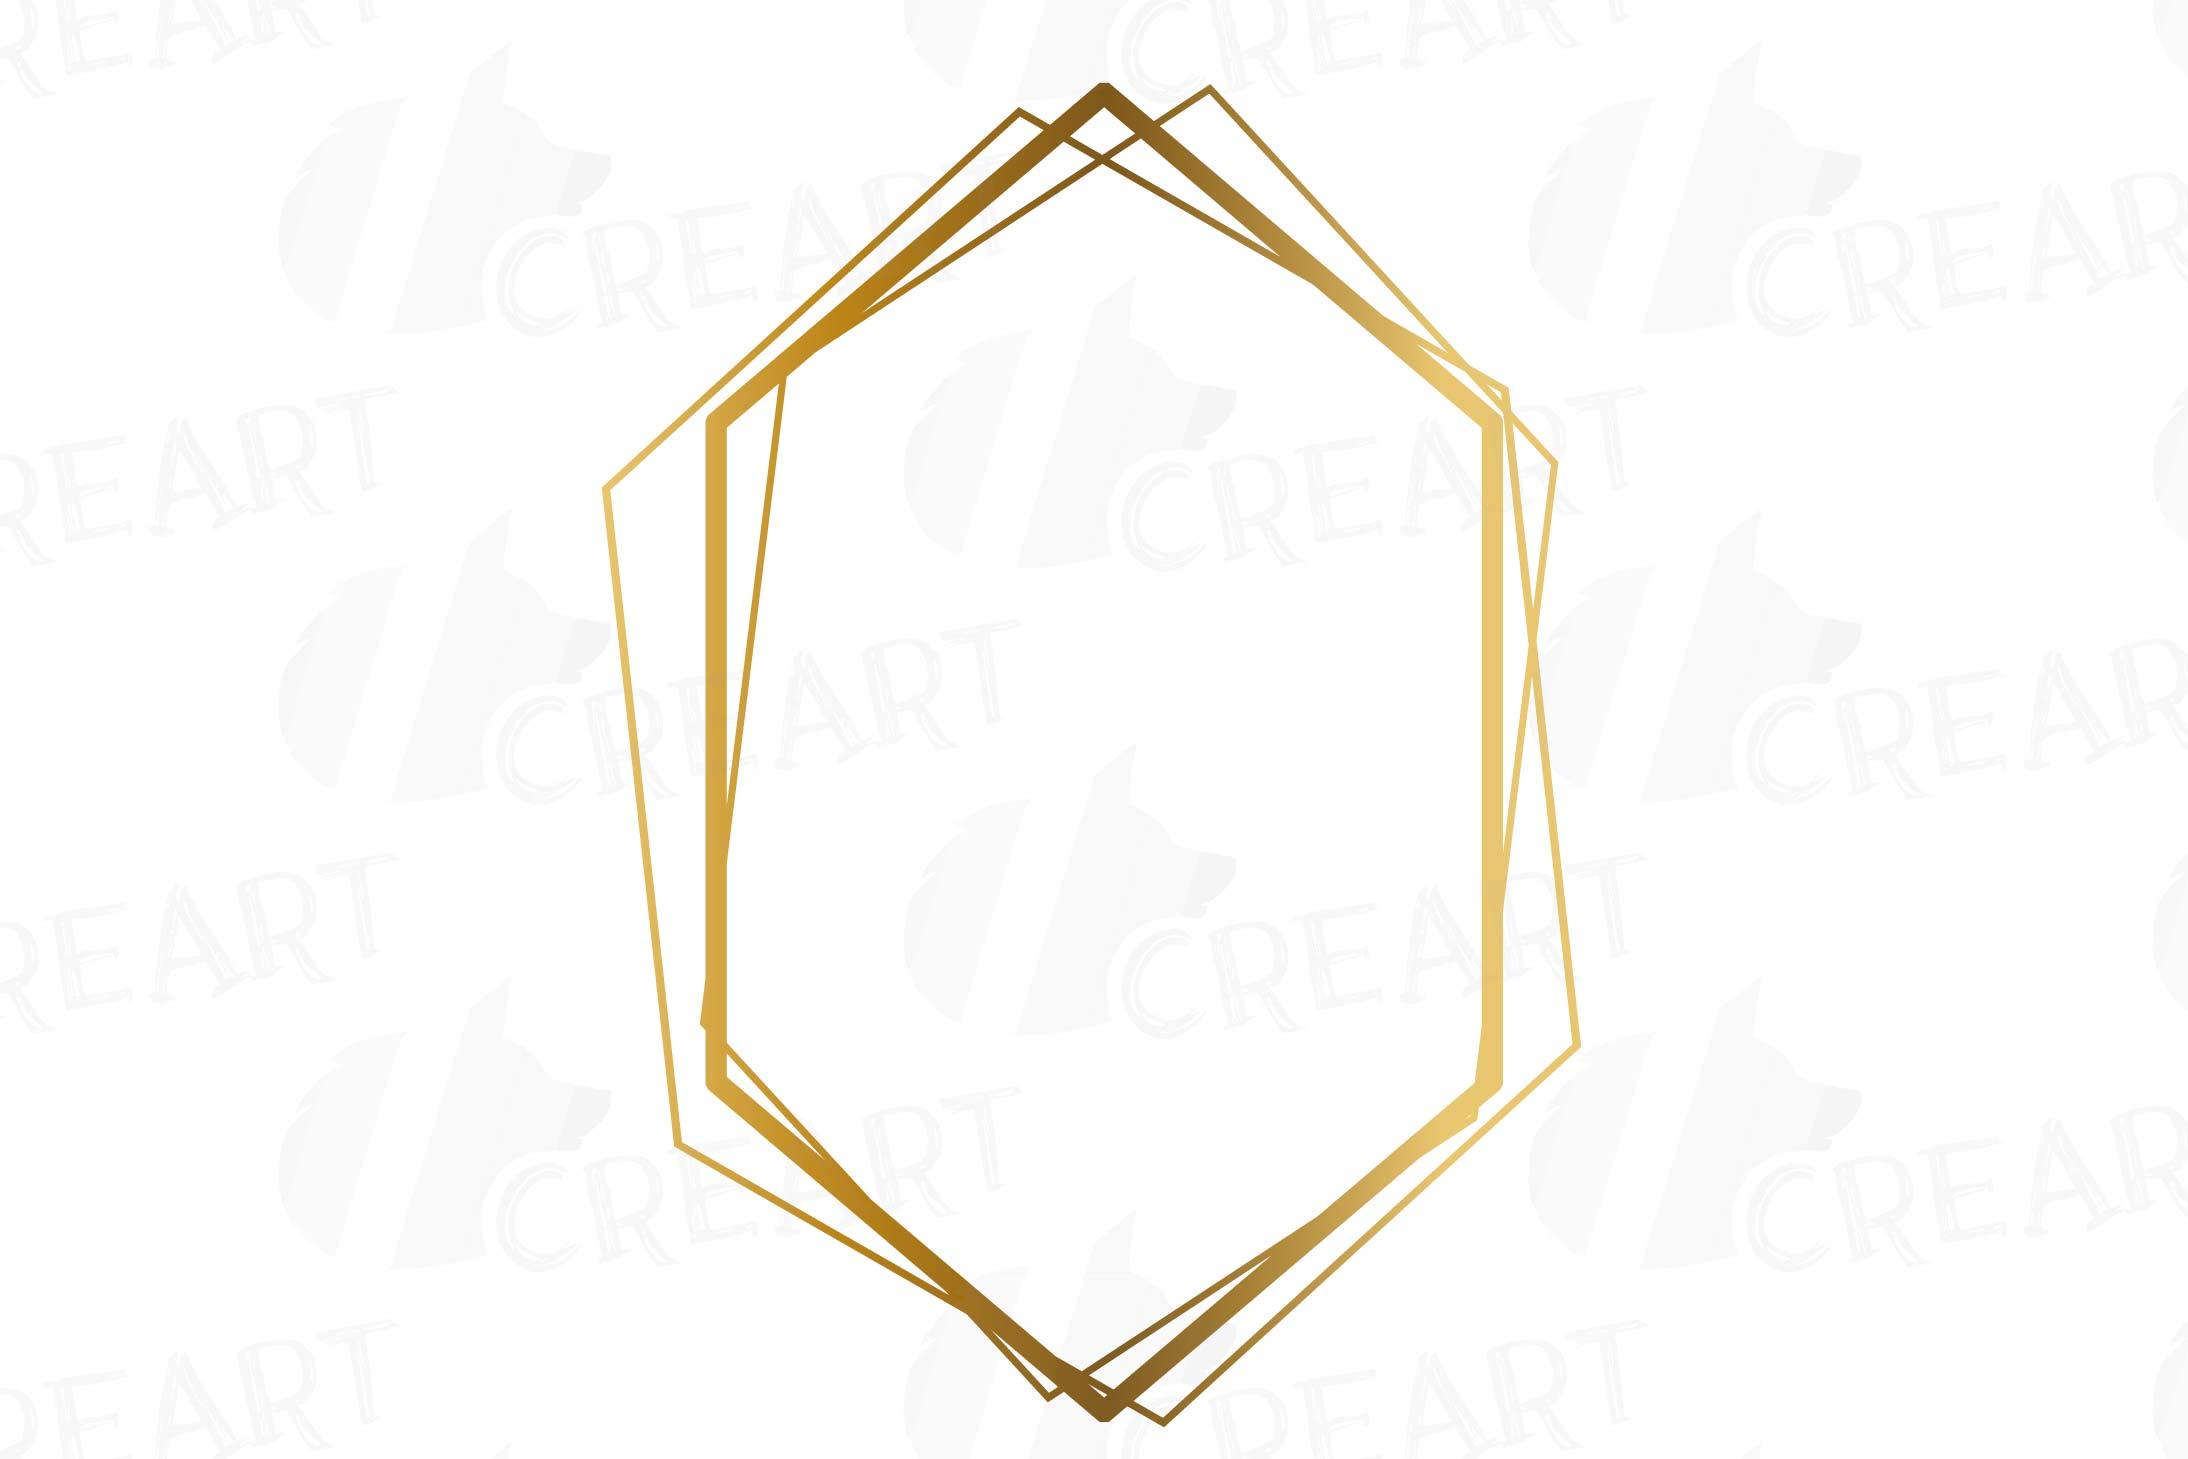 Elegant wedding geometric golden frames, lineal frames png example image 9